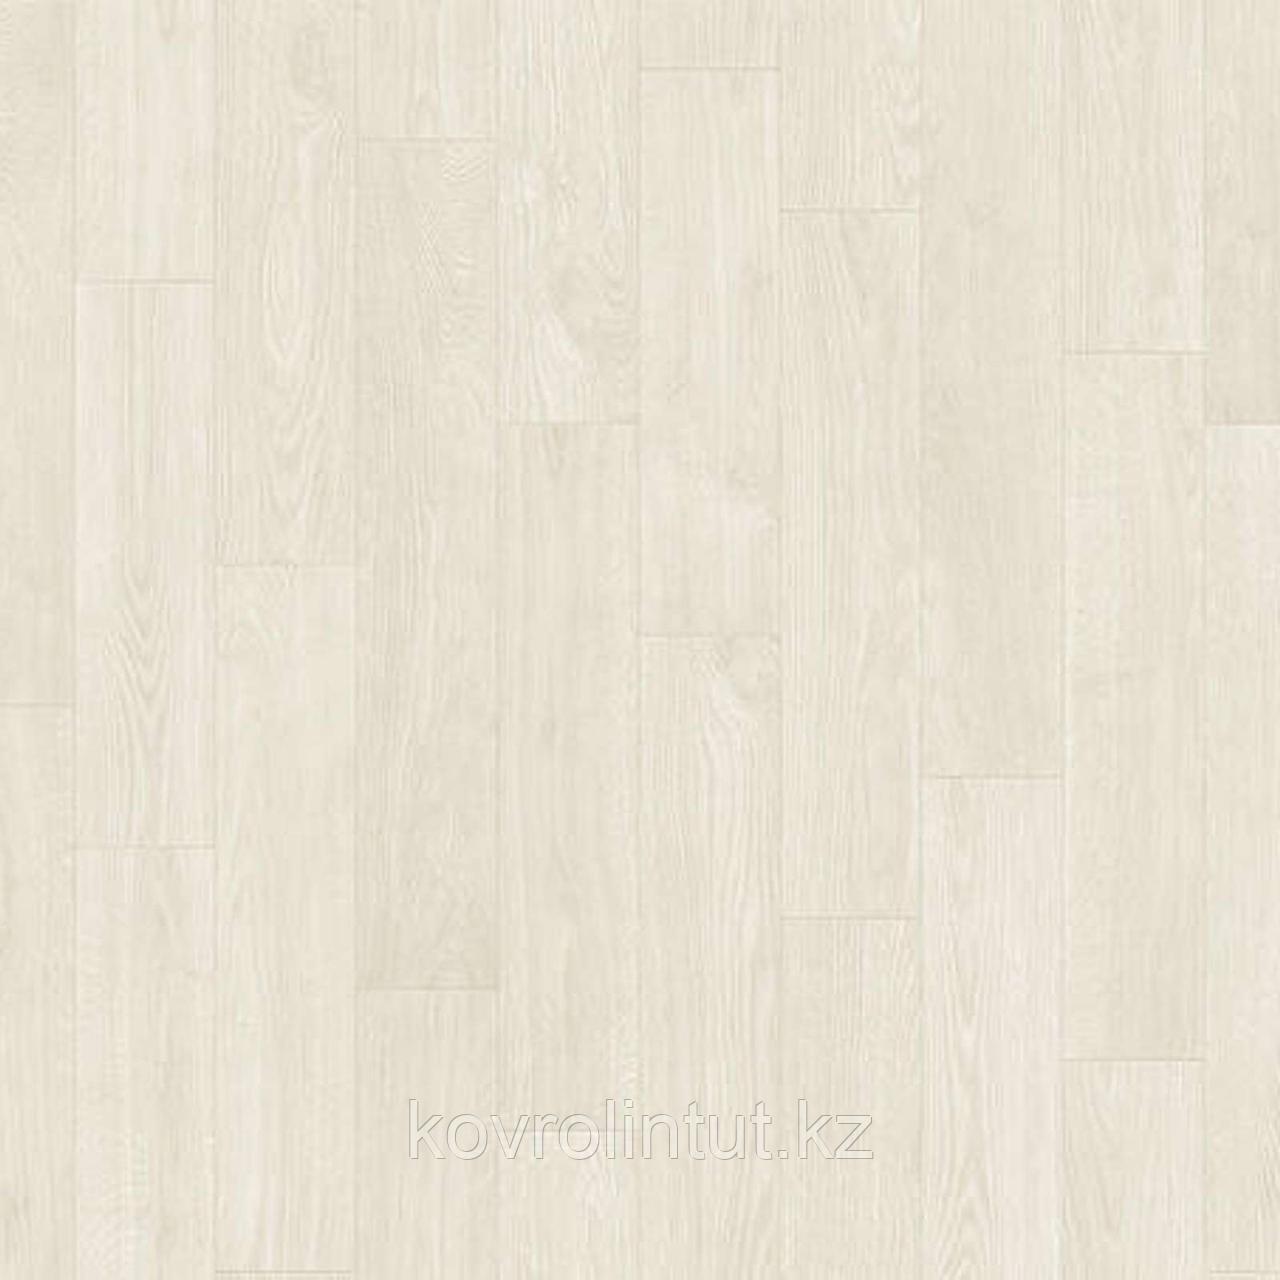 Линолеум Tarkett бытовой Caprice Gloriosa 1 3 м